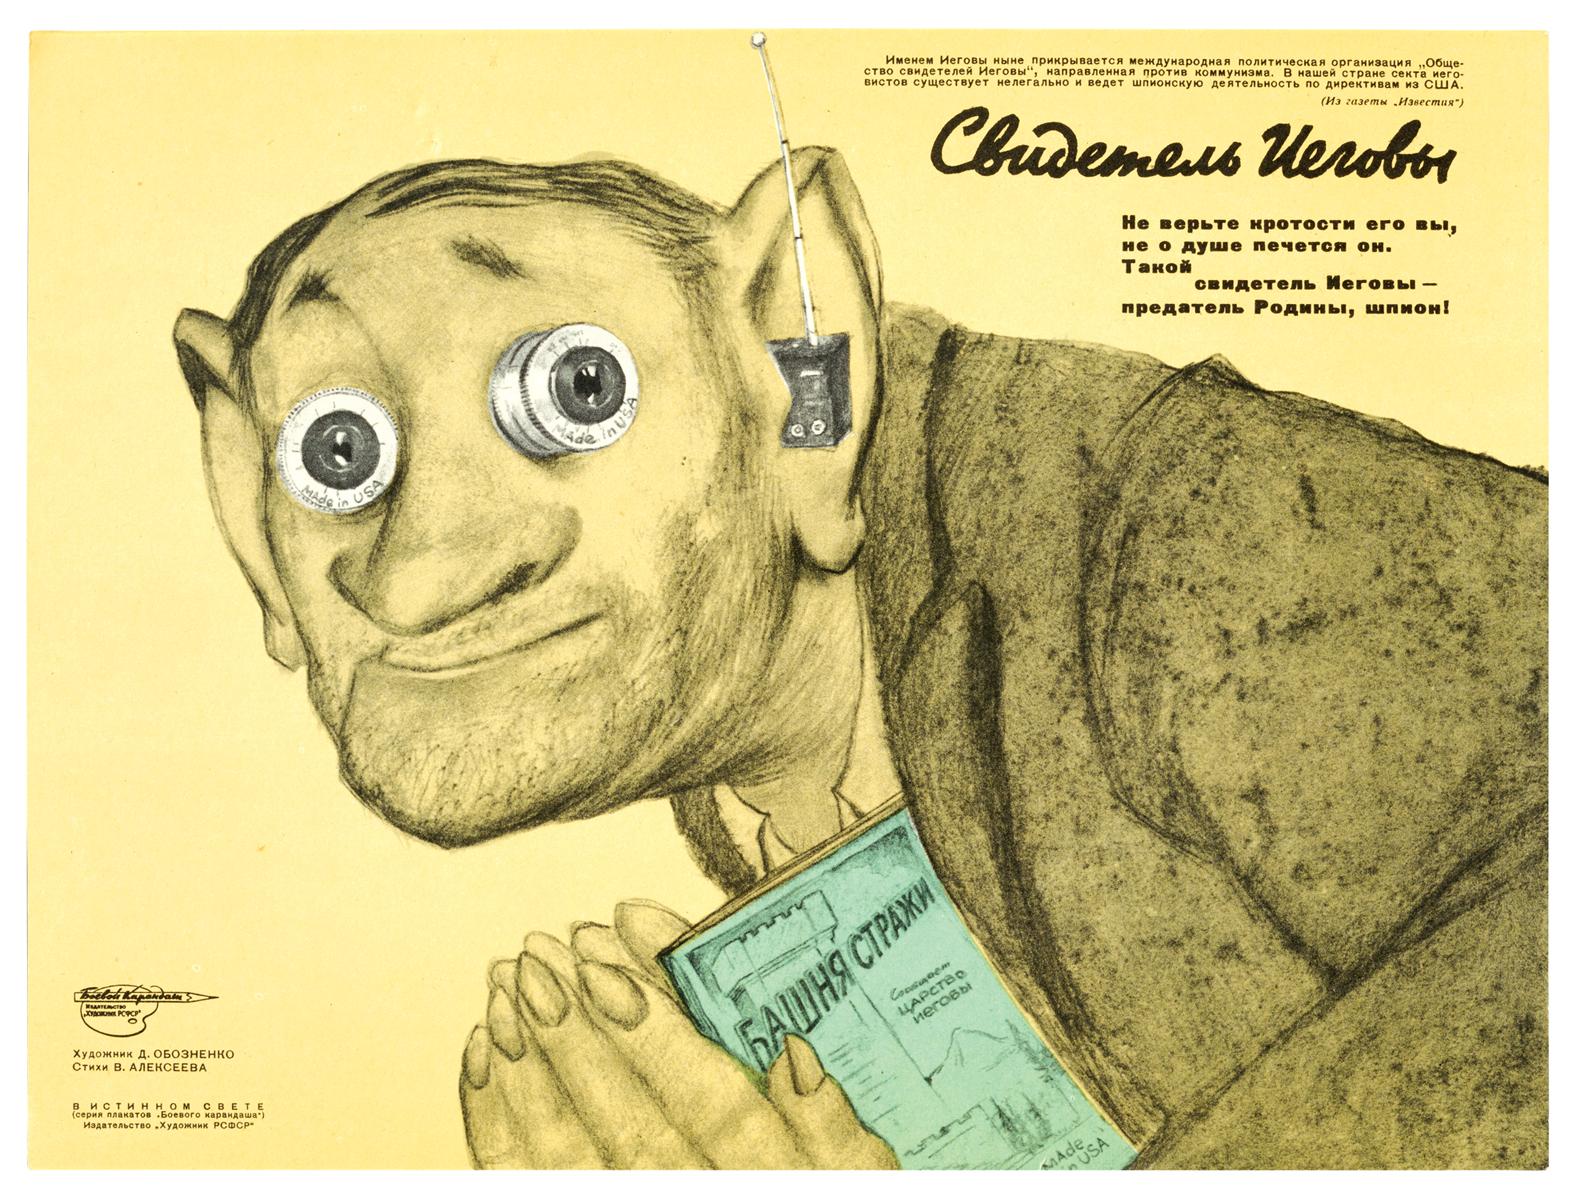 Αφίσα κατά των «Μαρτύρων του Ιεχωβά» - η οργάνωση καταγγέλλεται ως αντικομμουνιστική και φωλιά κατασκόπων των ΗΠΑ (Από την εφημερίδα «Ισβέστια»)